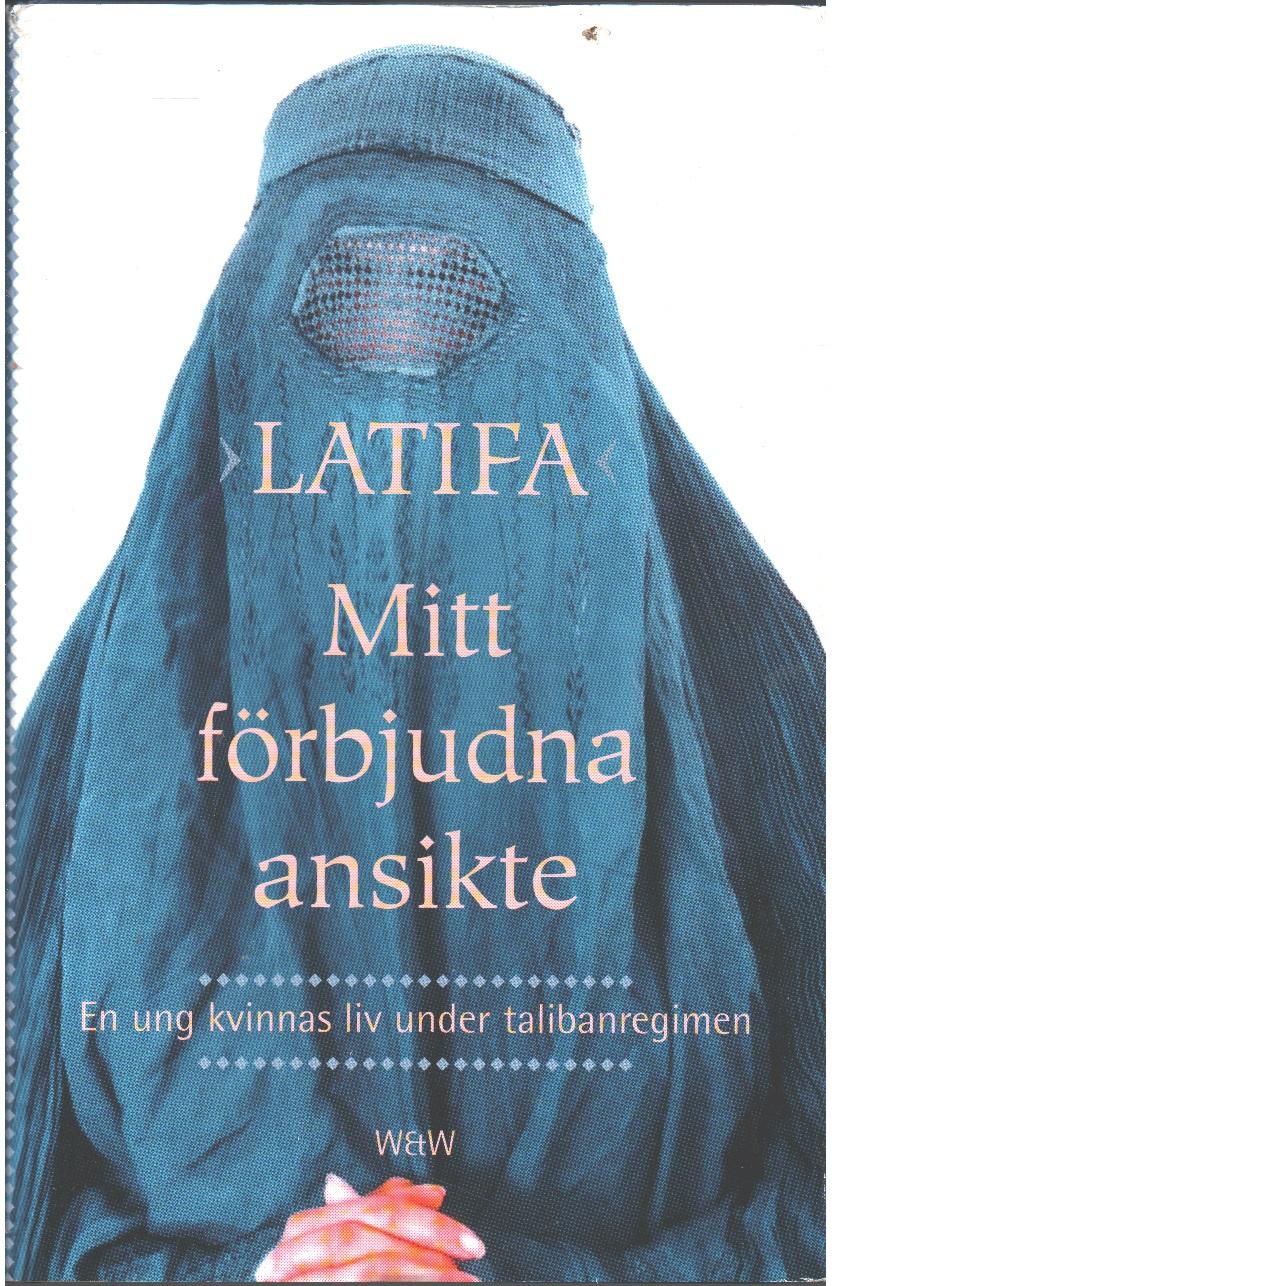 Mitt förbjudna ansikte : en ung kvinnas liv under talibanregimen - Latifa